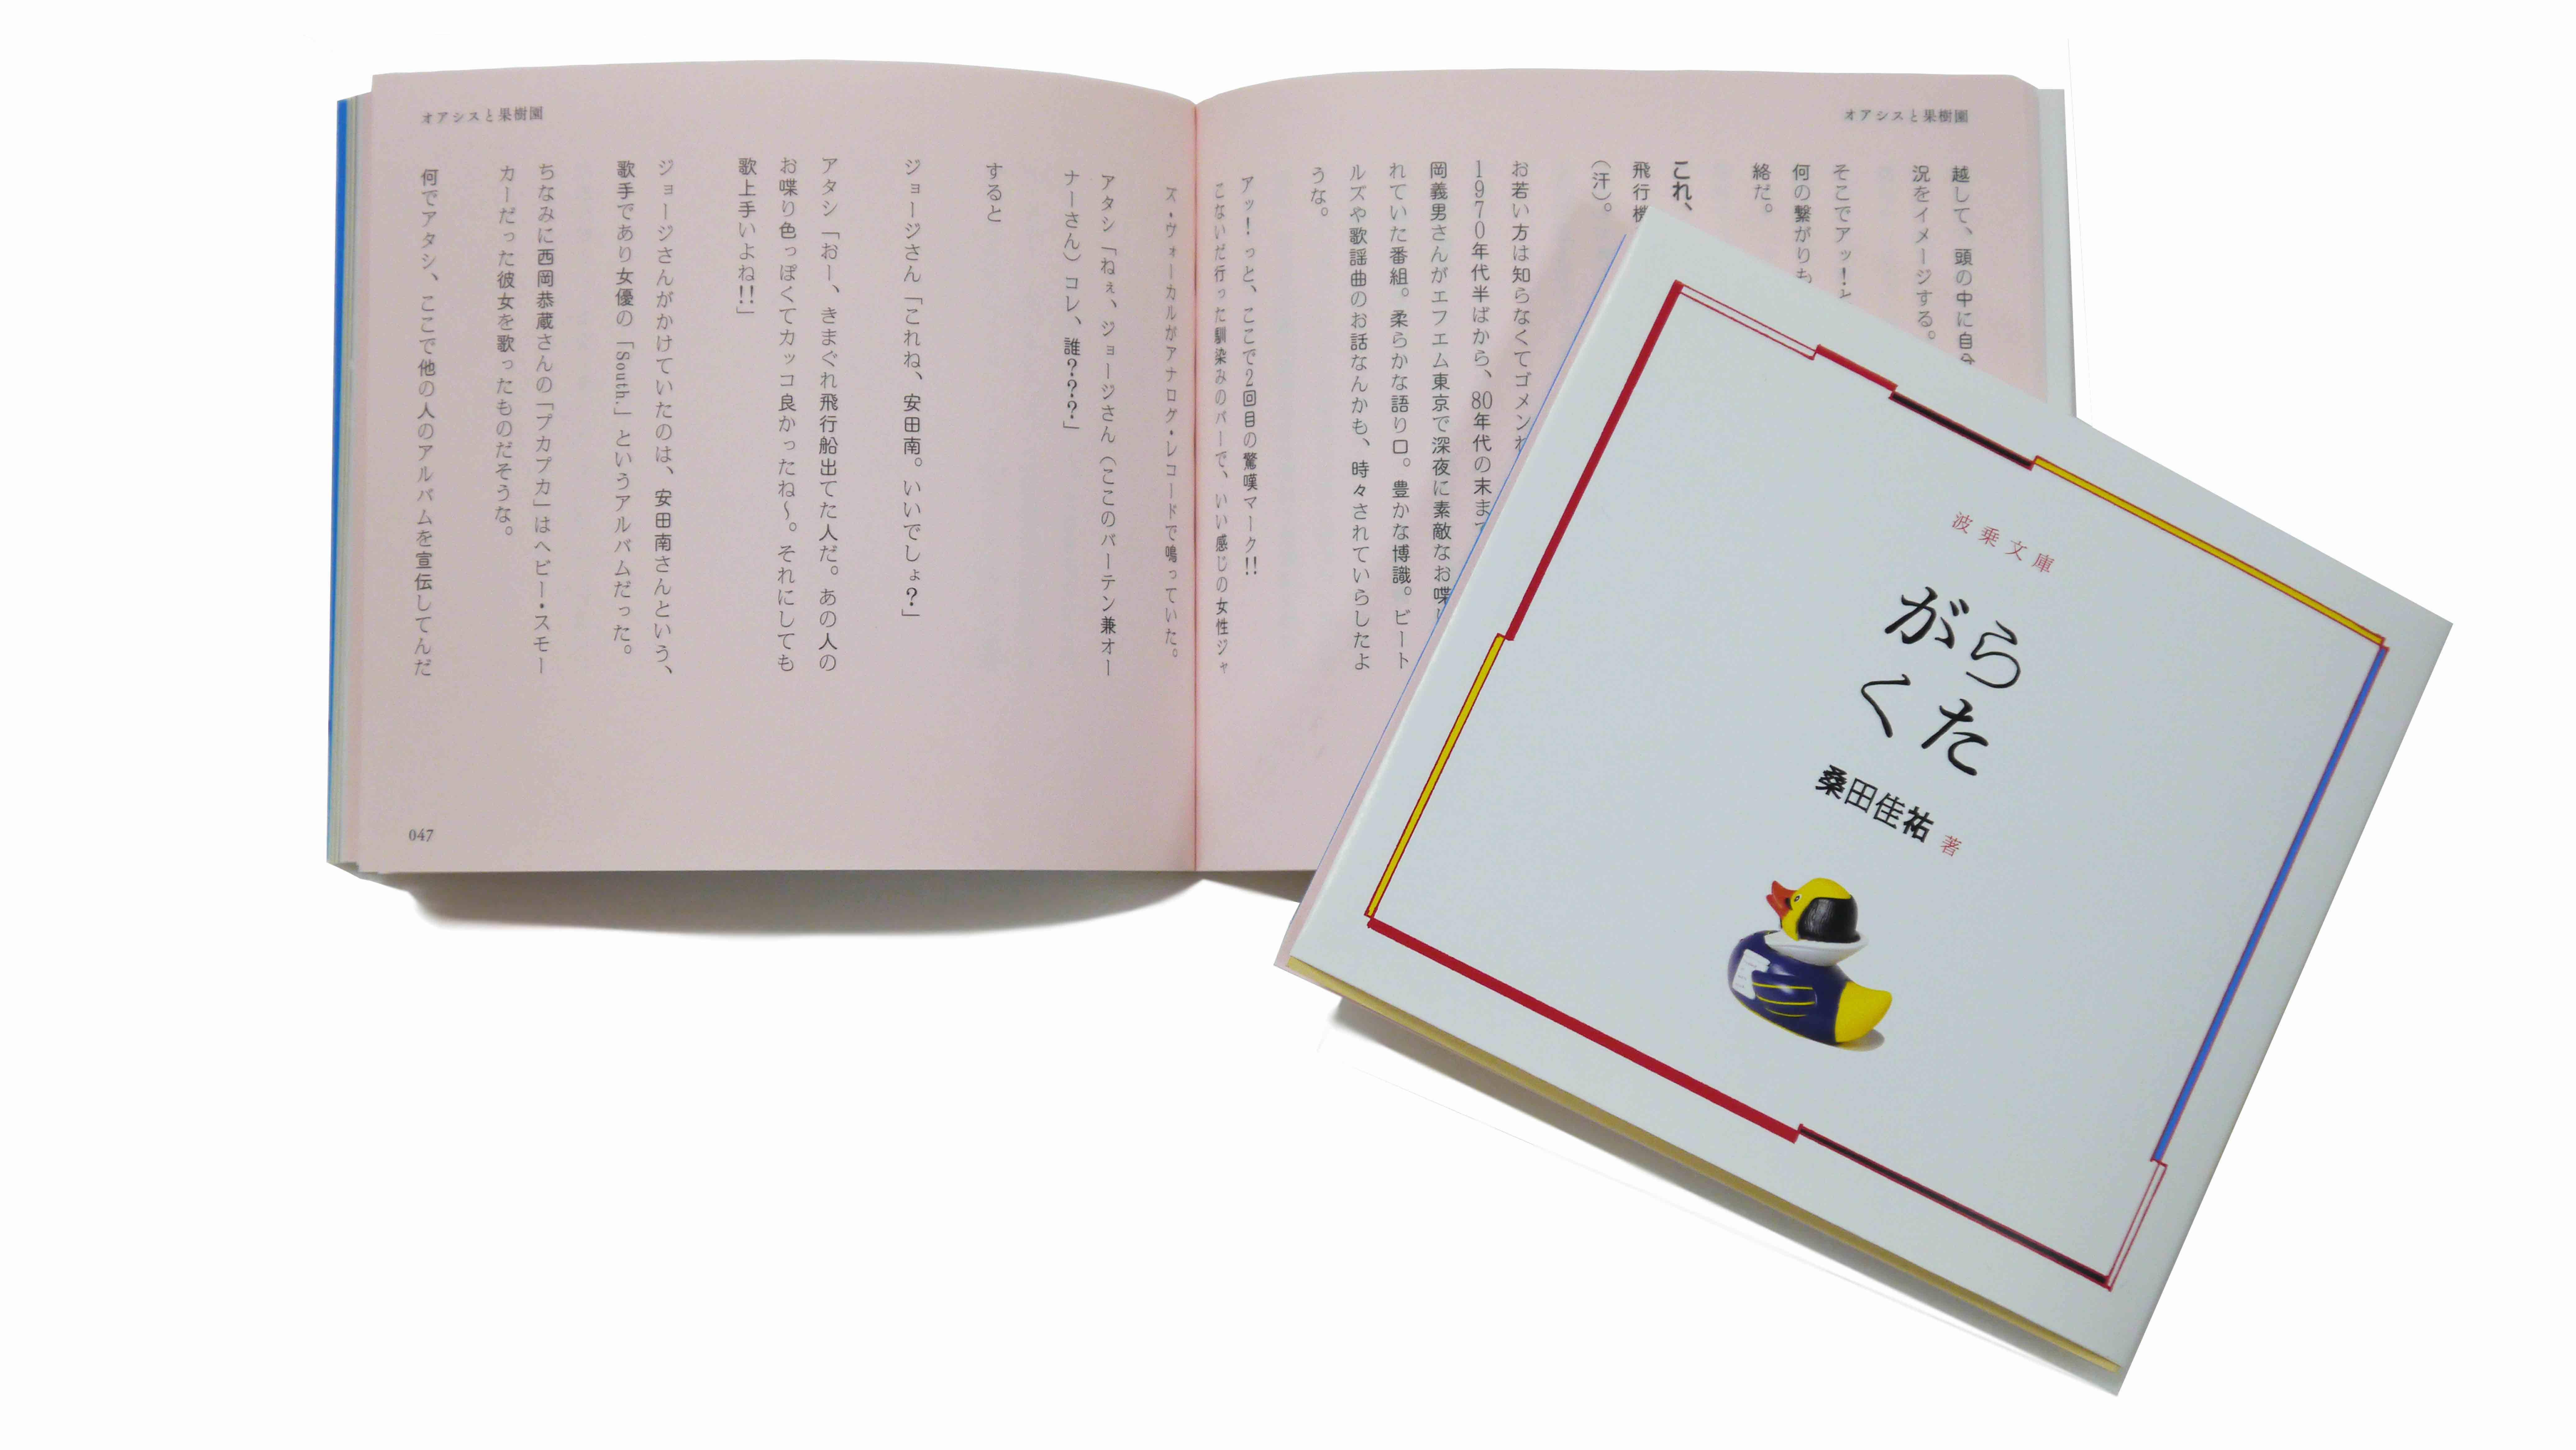 アルバム『がらくた』【初回盤】特典 特製ブックレット「がらくた」